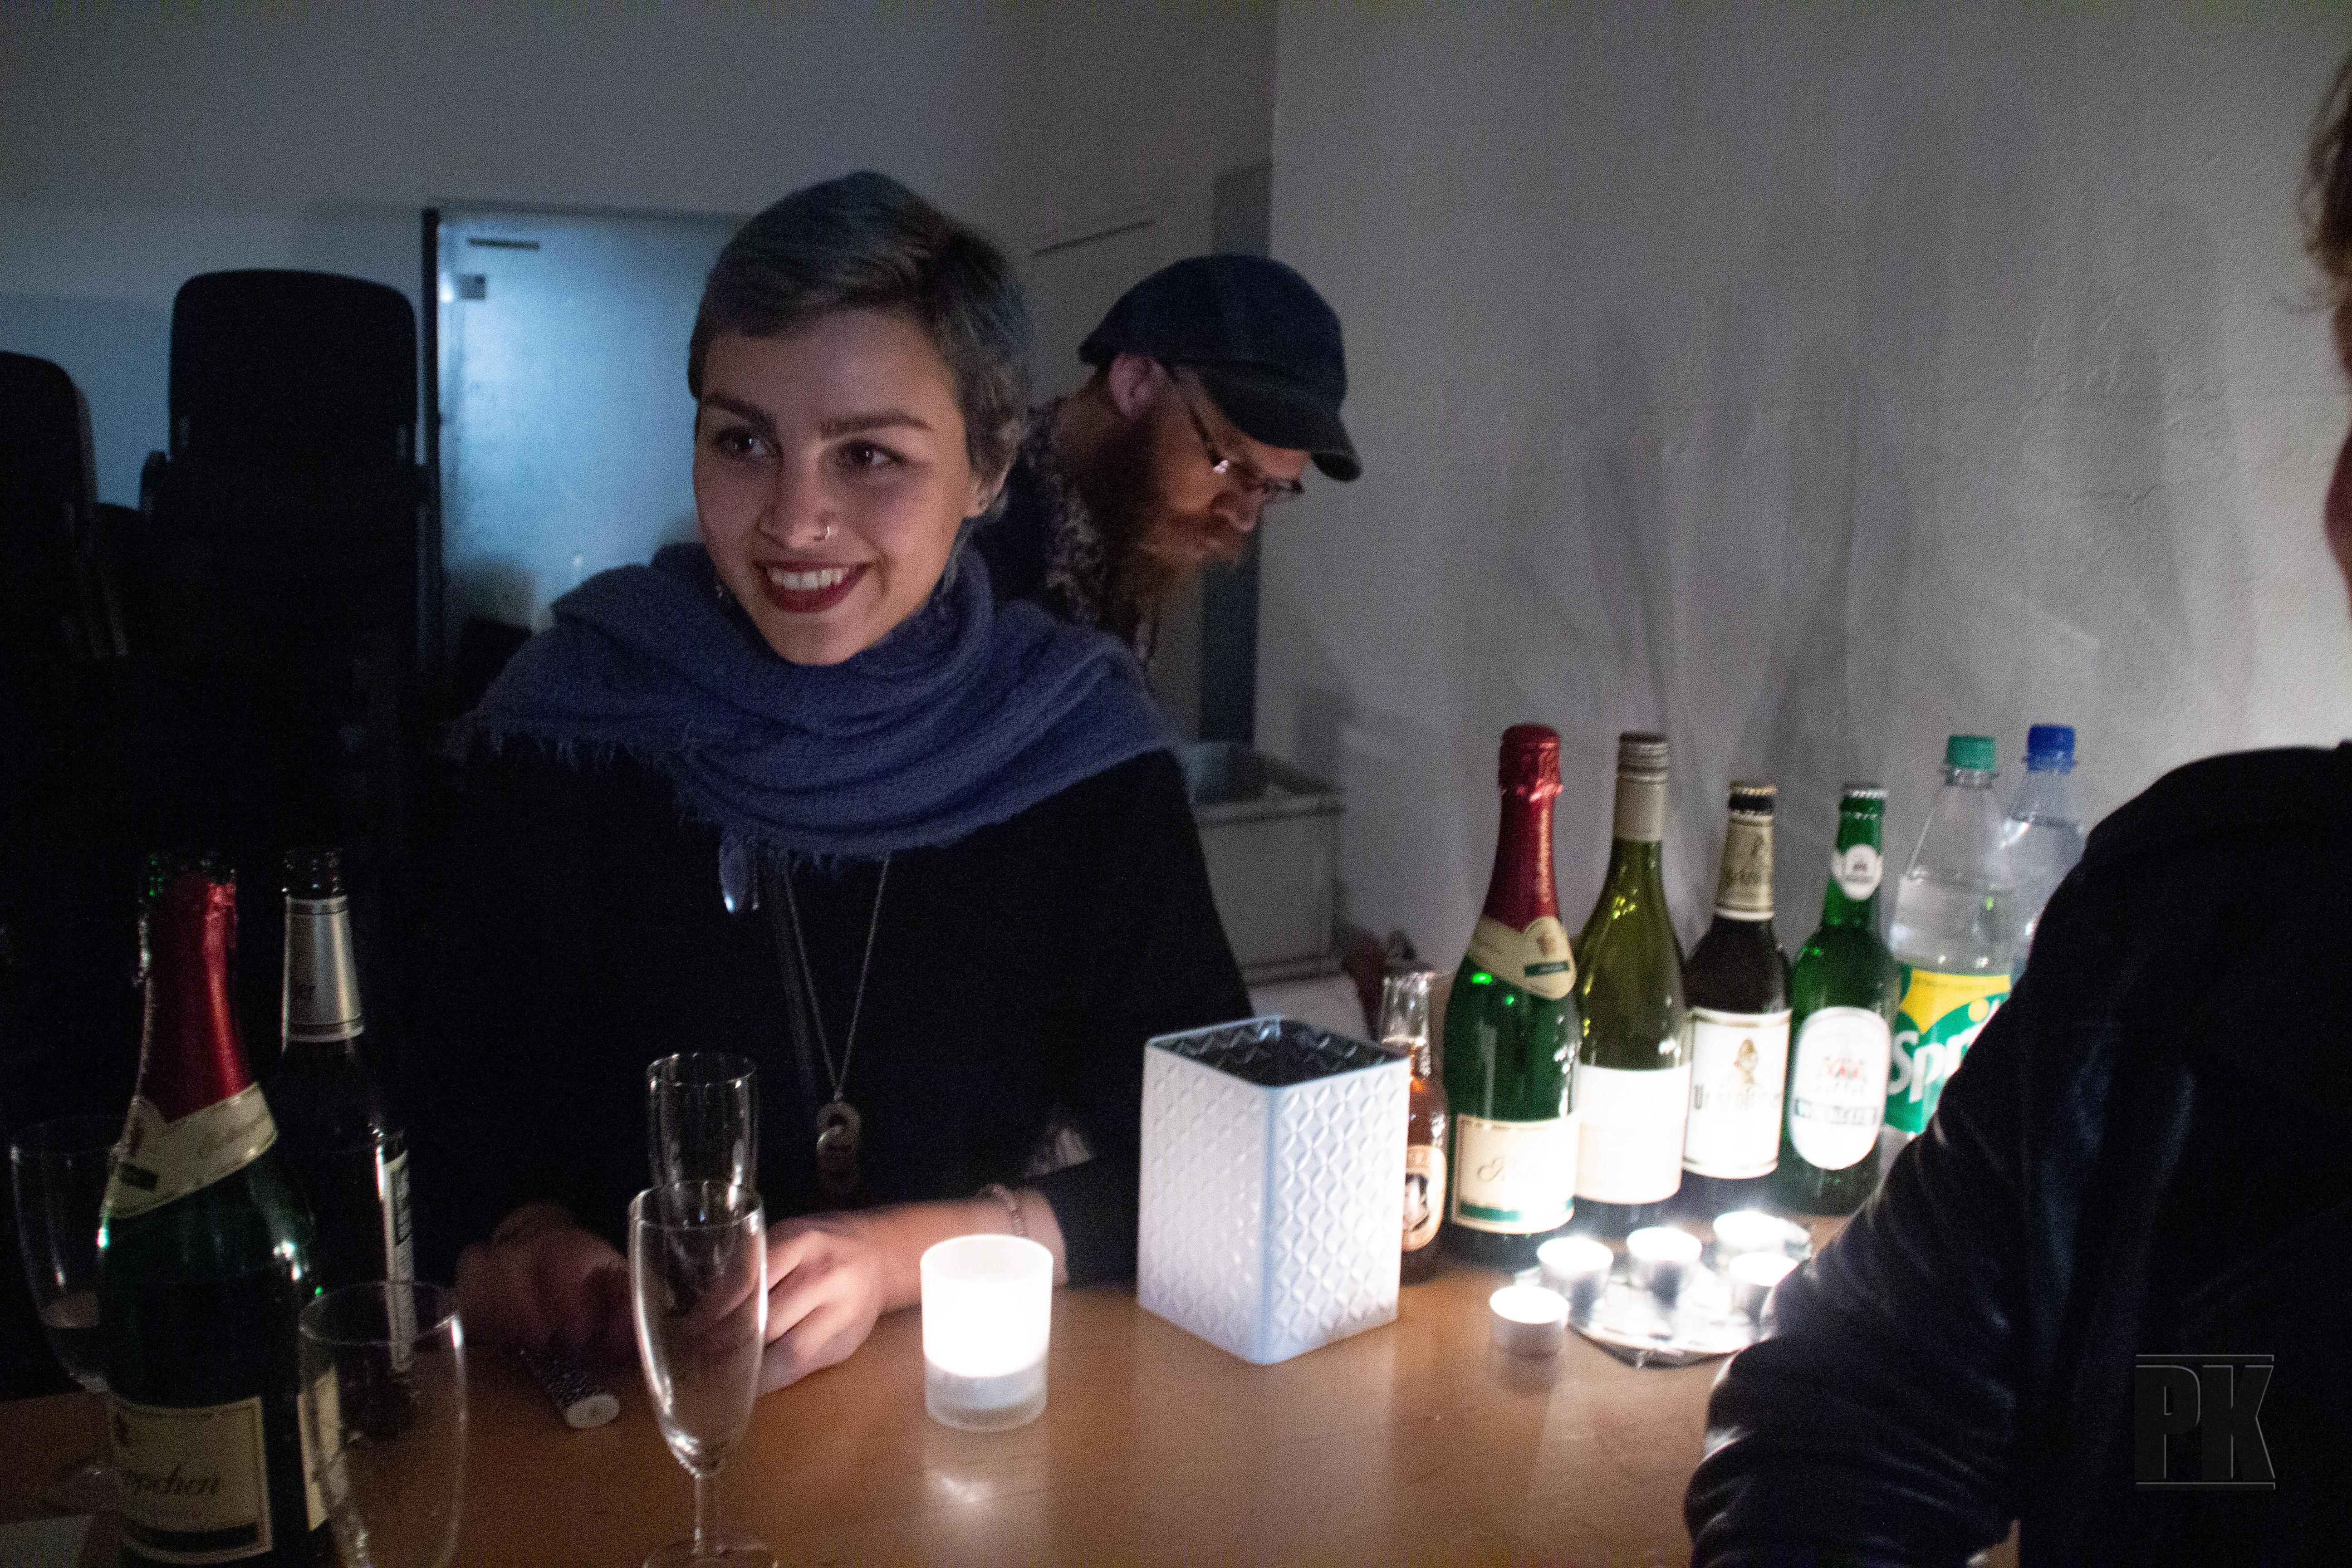 Reset-unsettling-flesh-layers-vernissage-Pilotenkueche-Alte-Handelsschule-Leipzig-Germany-Nov-2019-29